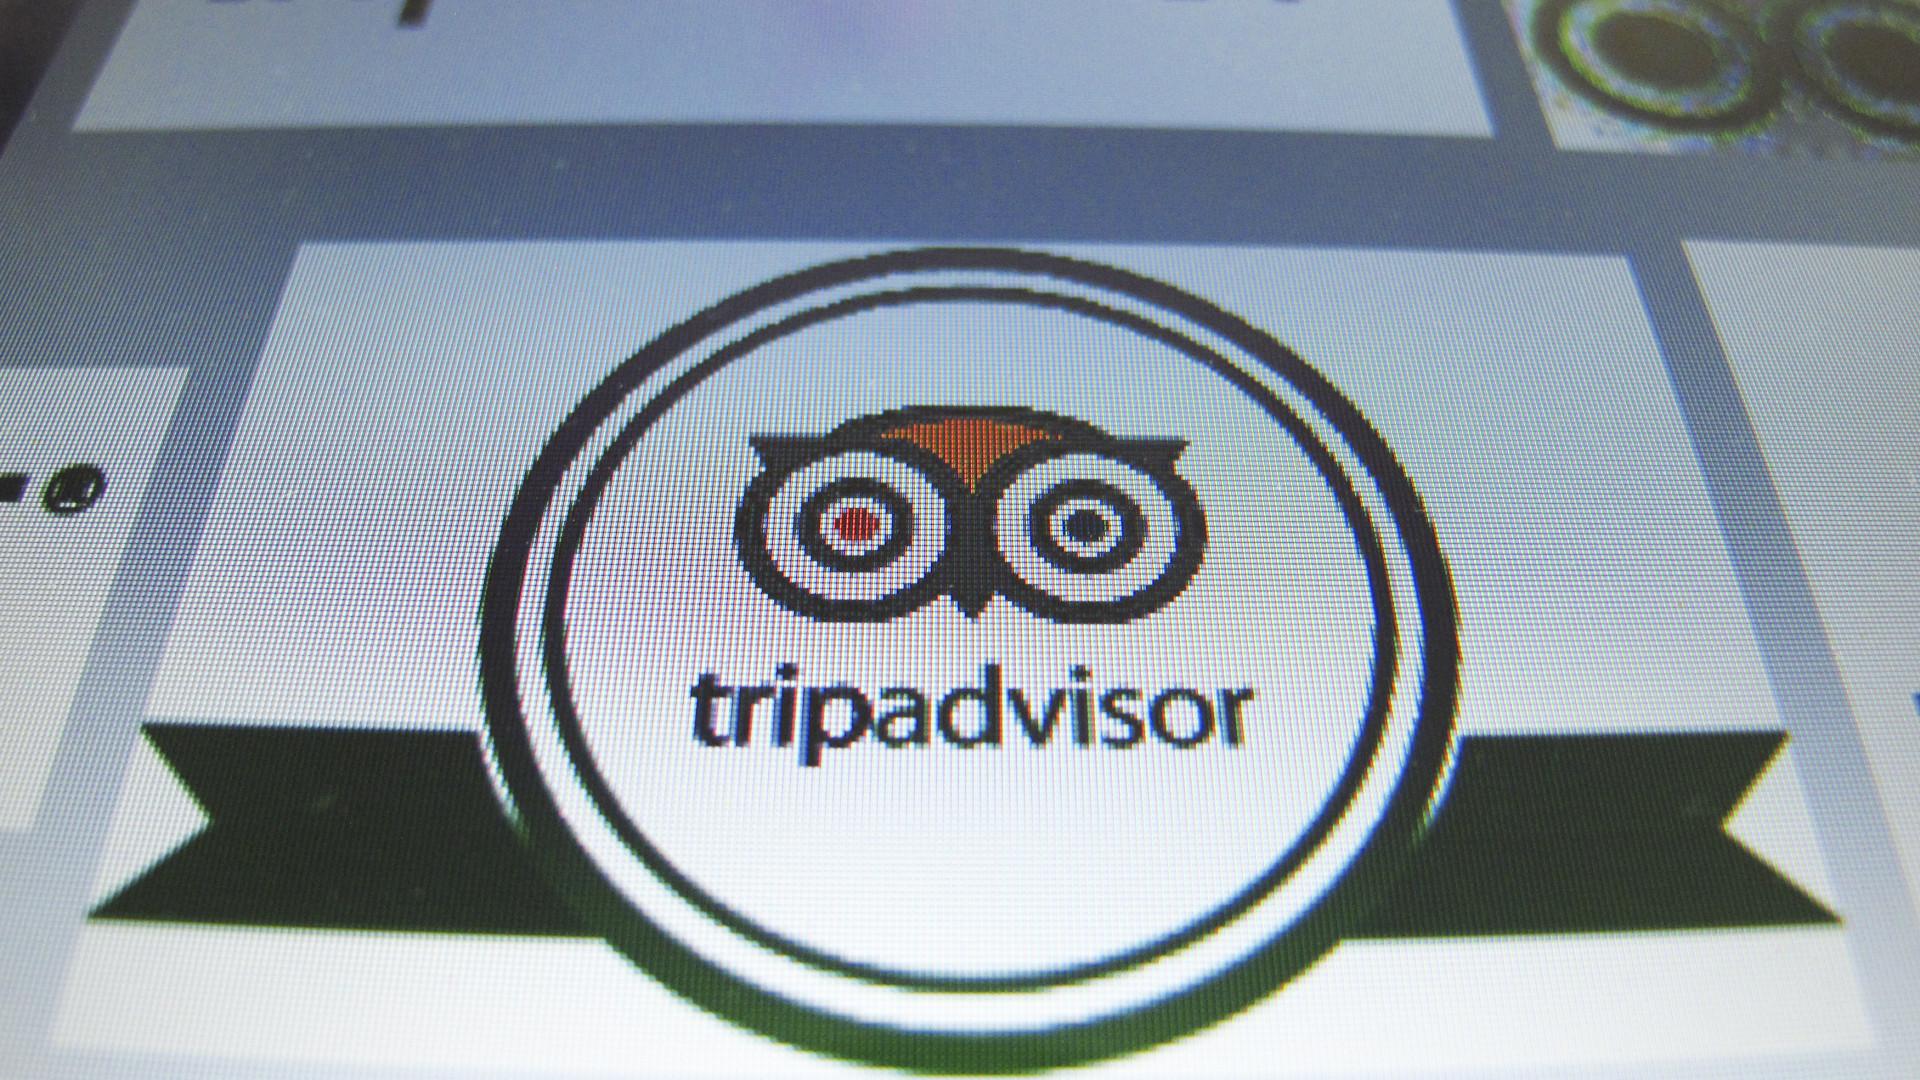 Condenado a 9 meses de prisão por vender críticas falsas no TripAdvisor